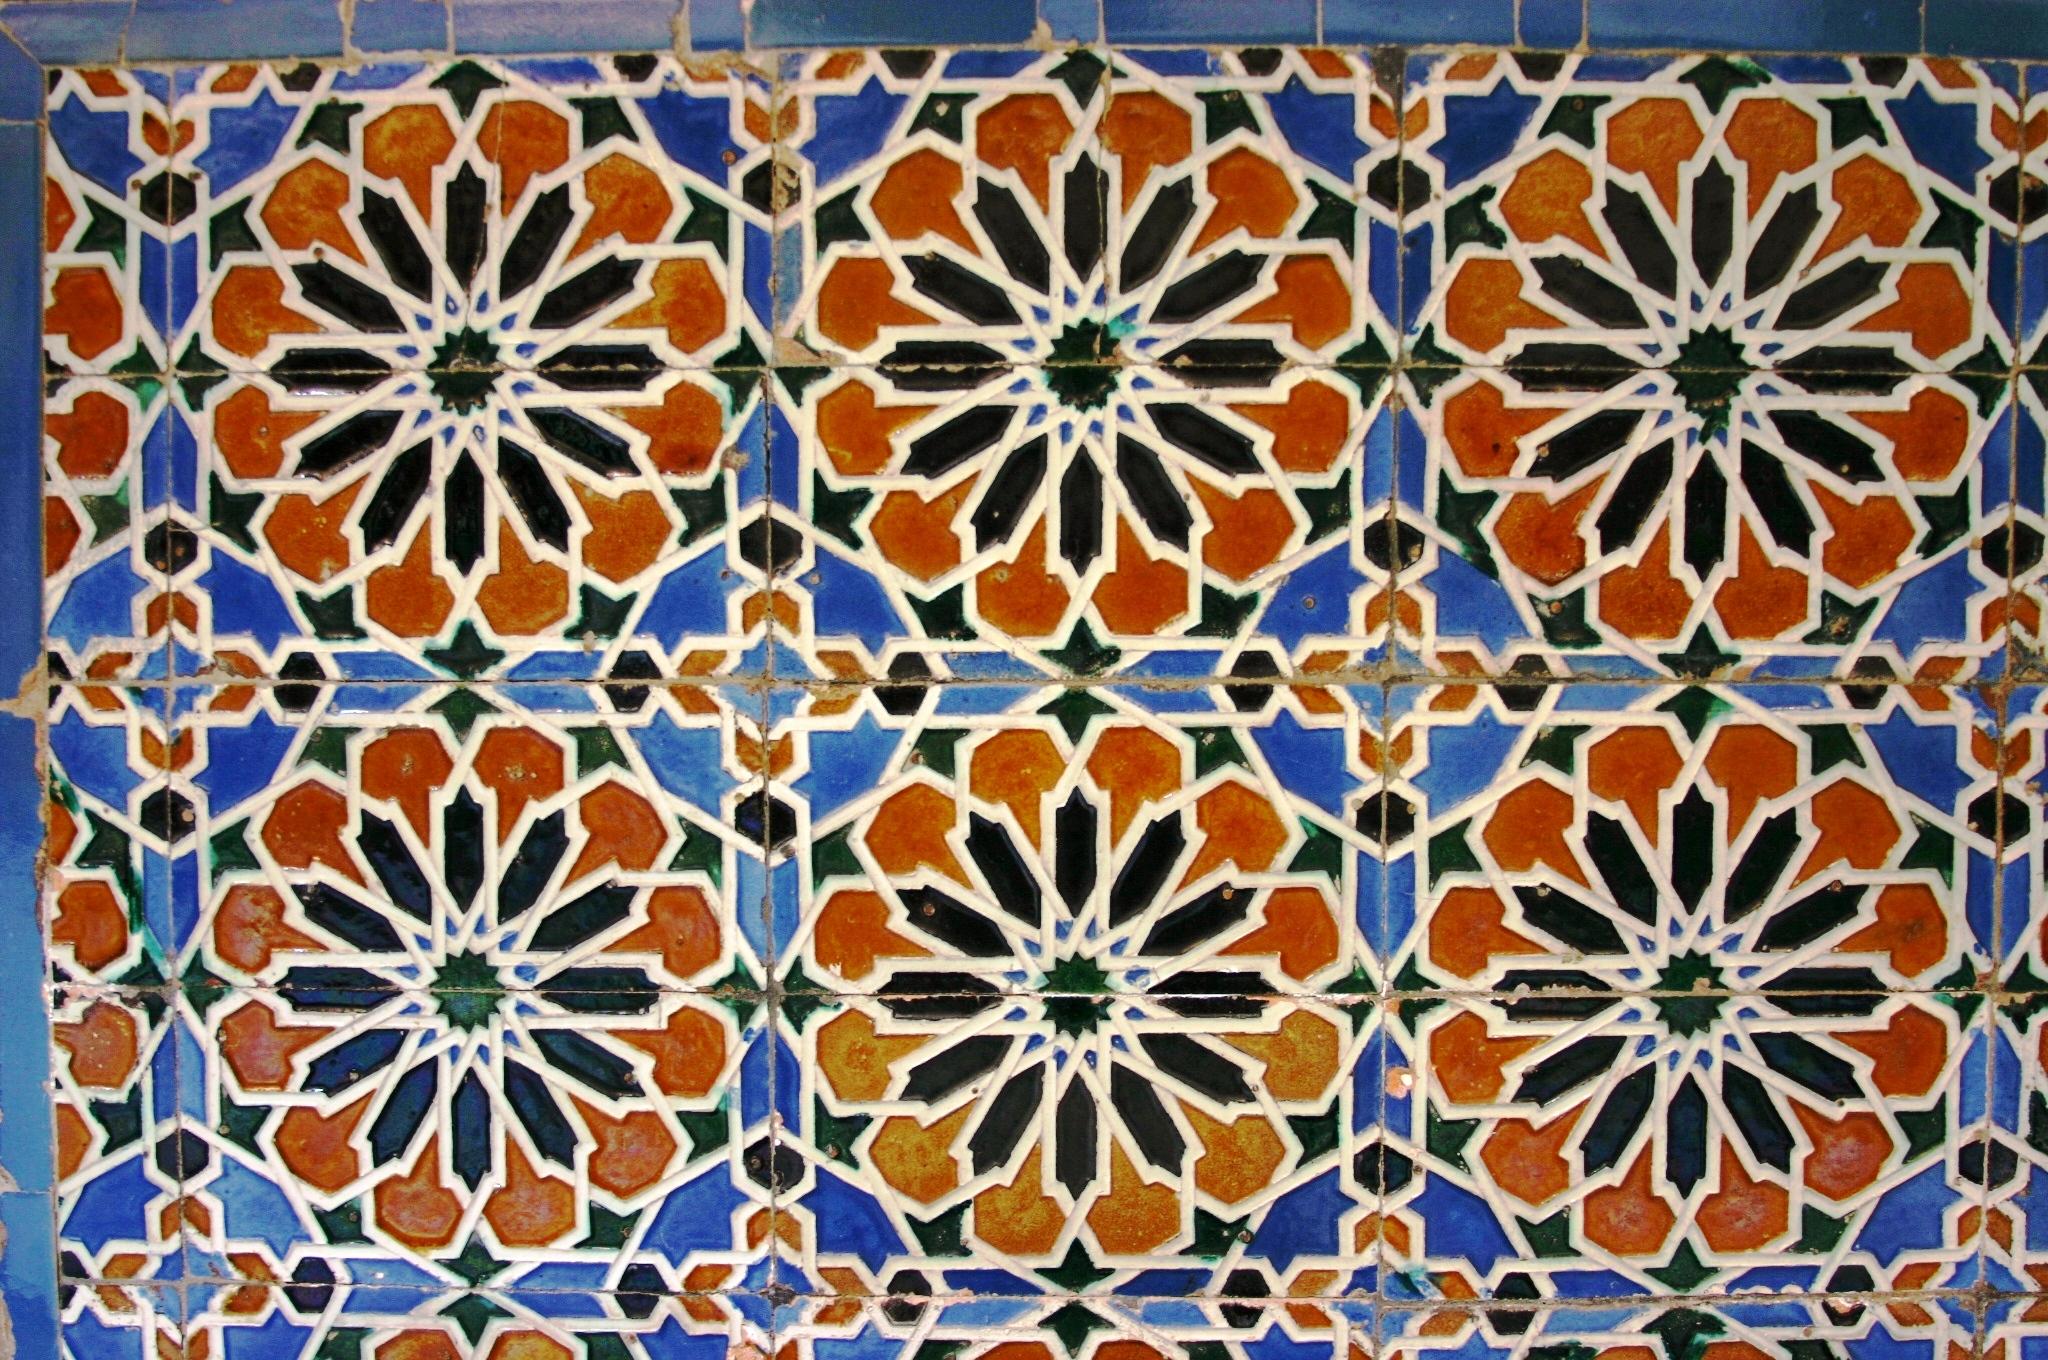 azulejos geom tricos antiguos en el palacio de lebrija ForAzulejos Antiguos Sevilla